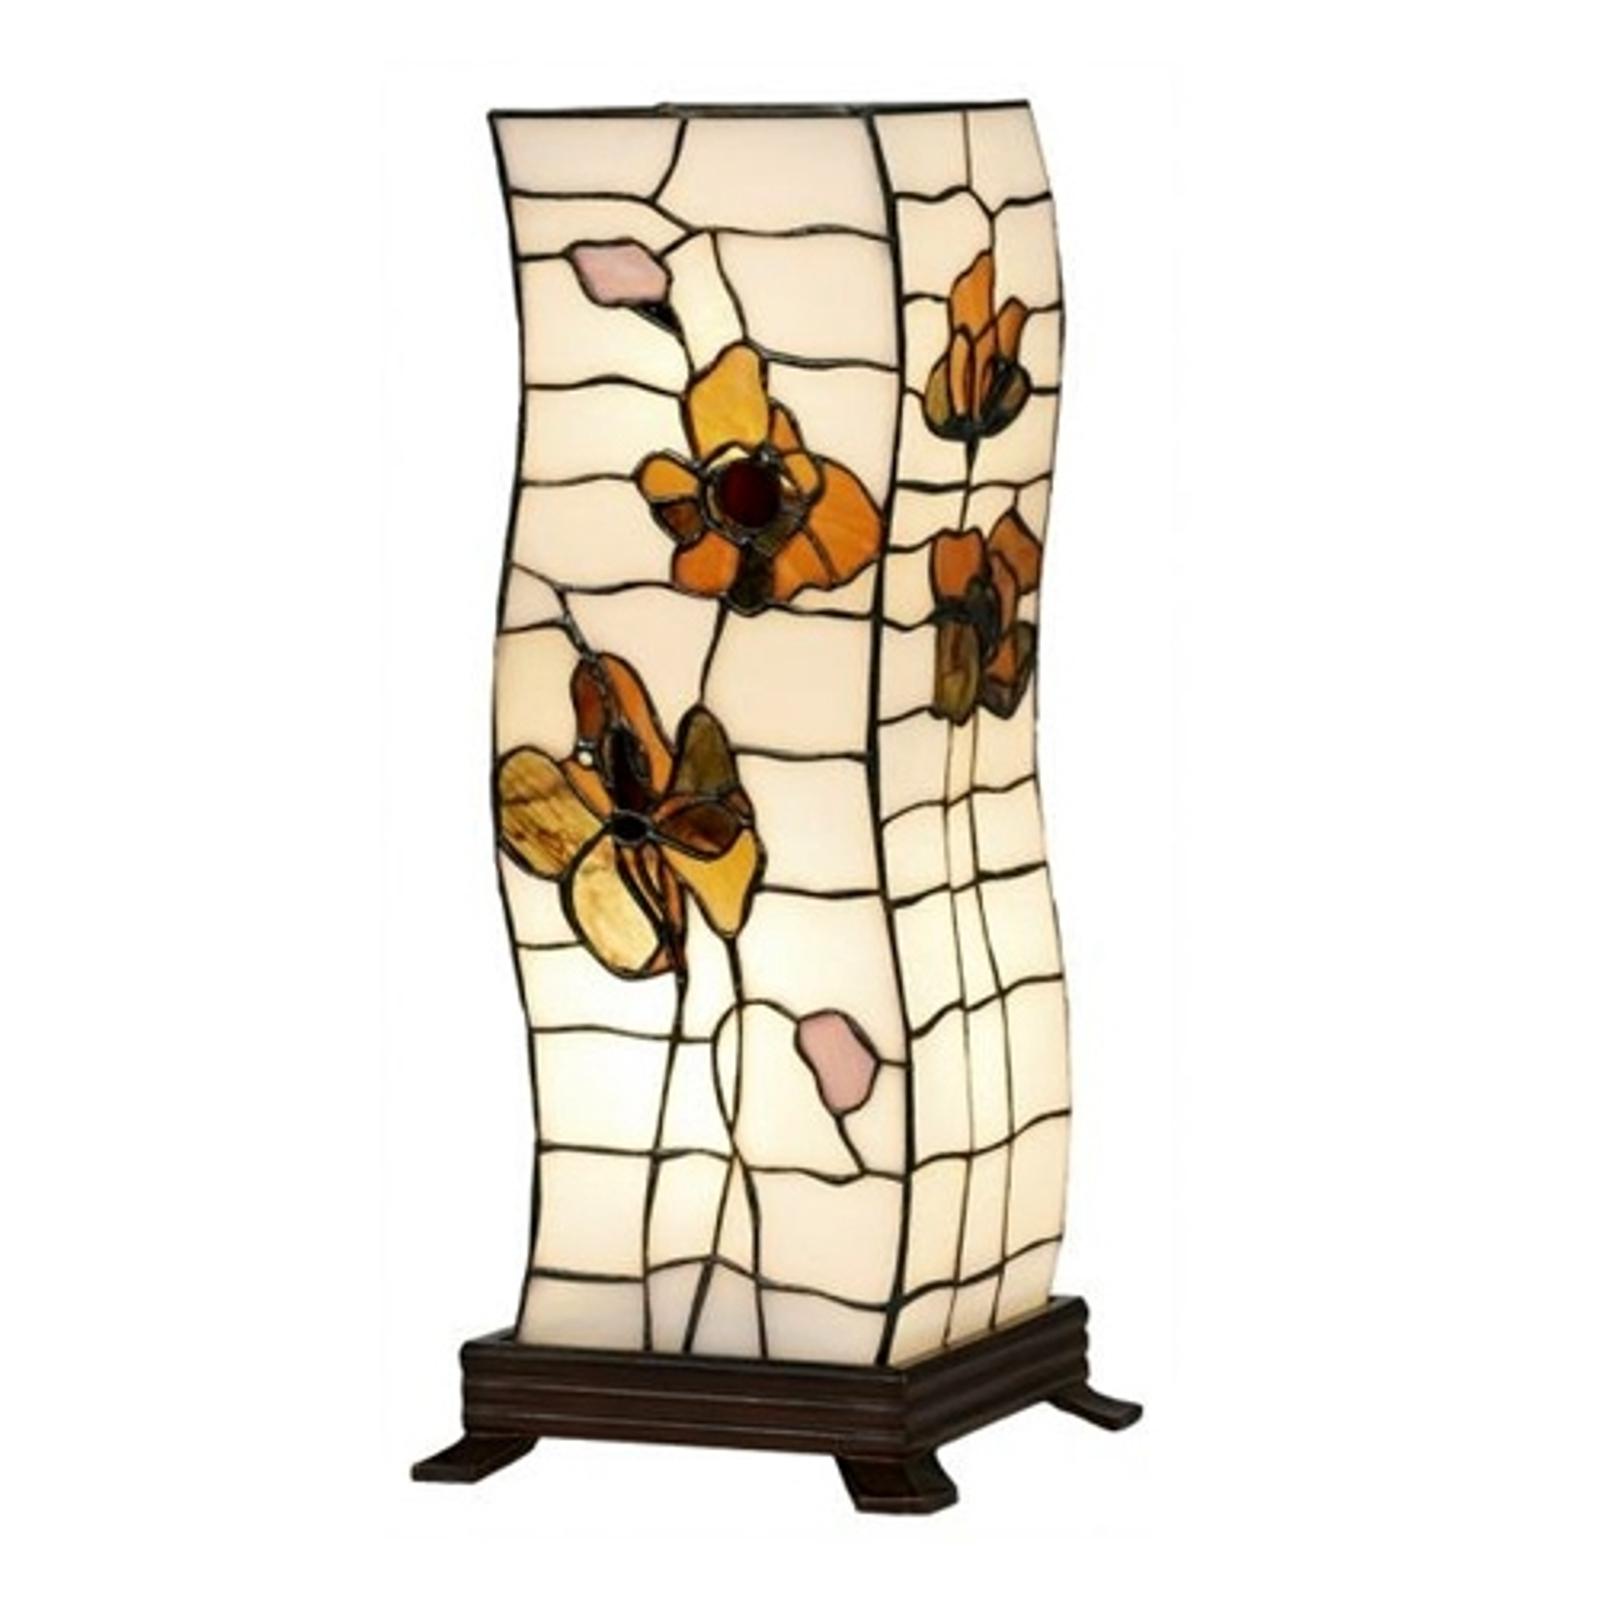 Lampa stołowa Blossom w stylu Tiffany